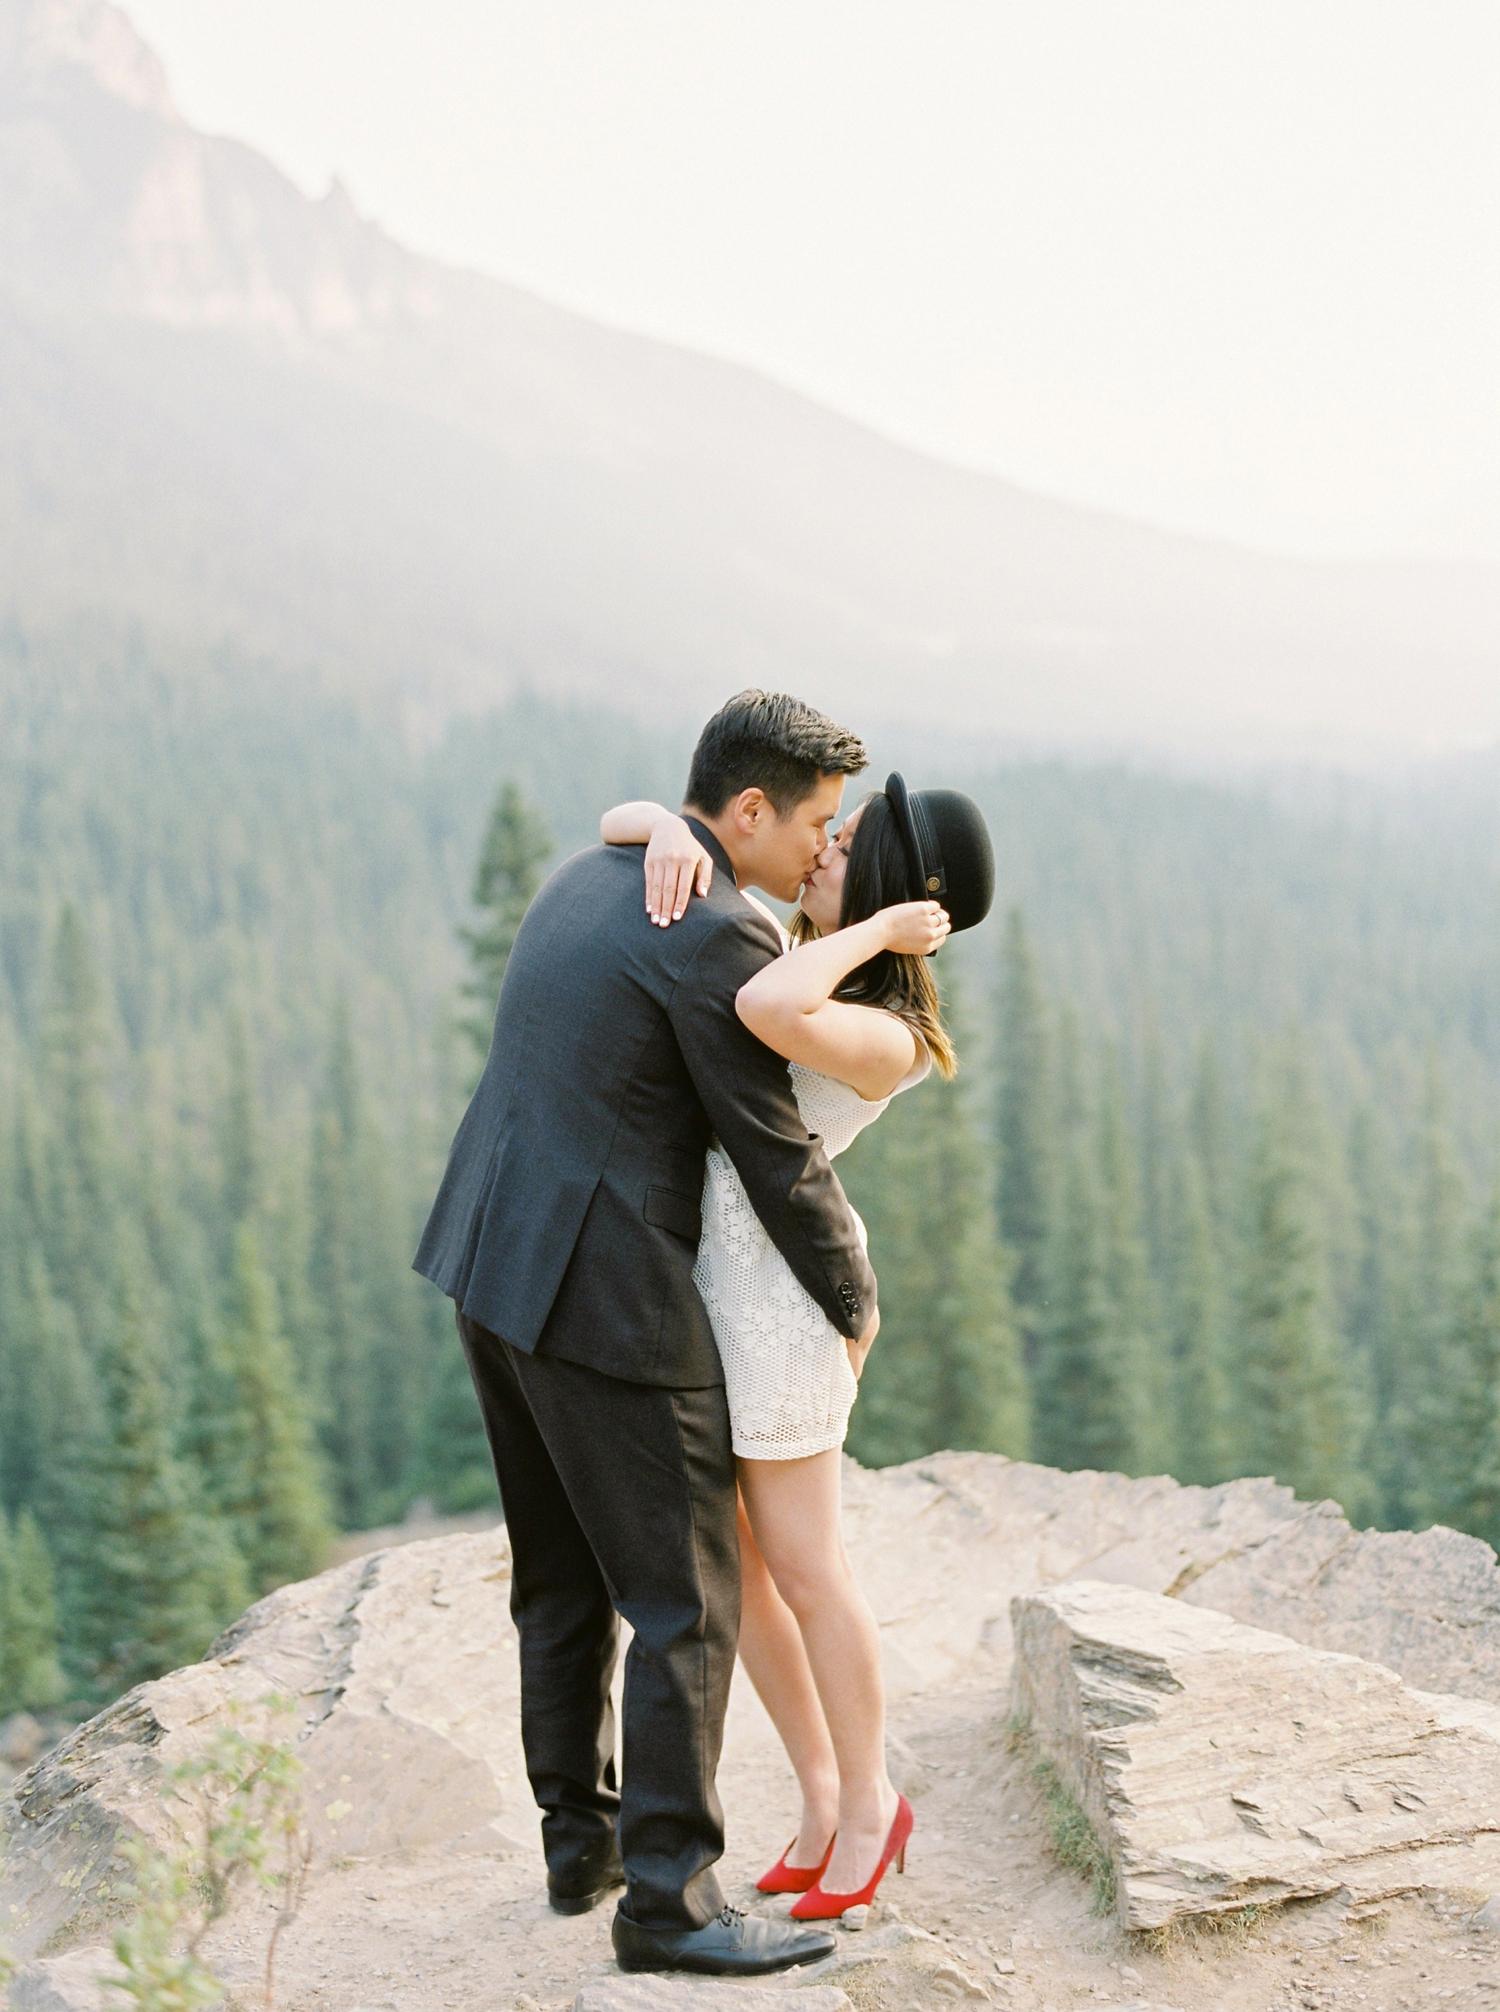 Banff Lake Louise wedding photographers | Engagement Session | Moraine Lake | Justine Milton Fine Art Film Photography